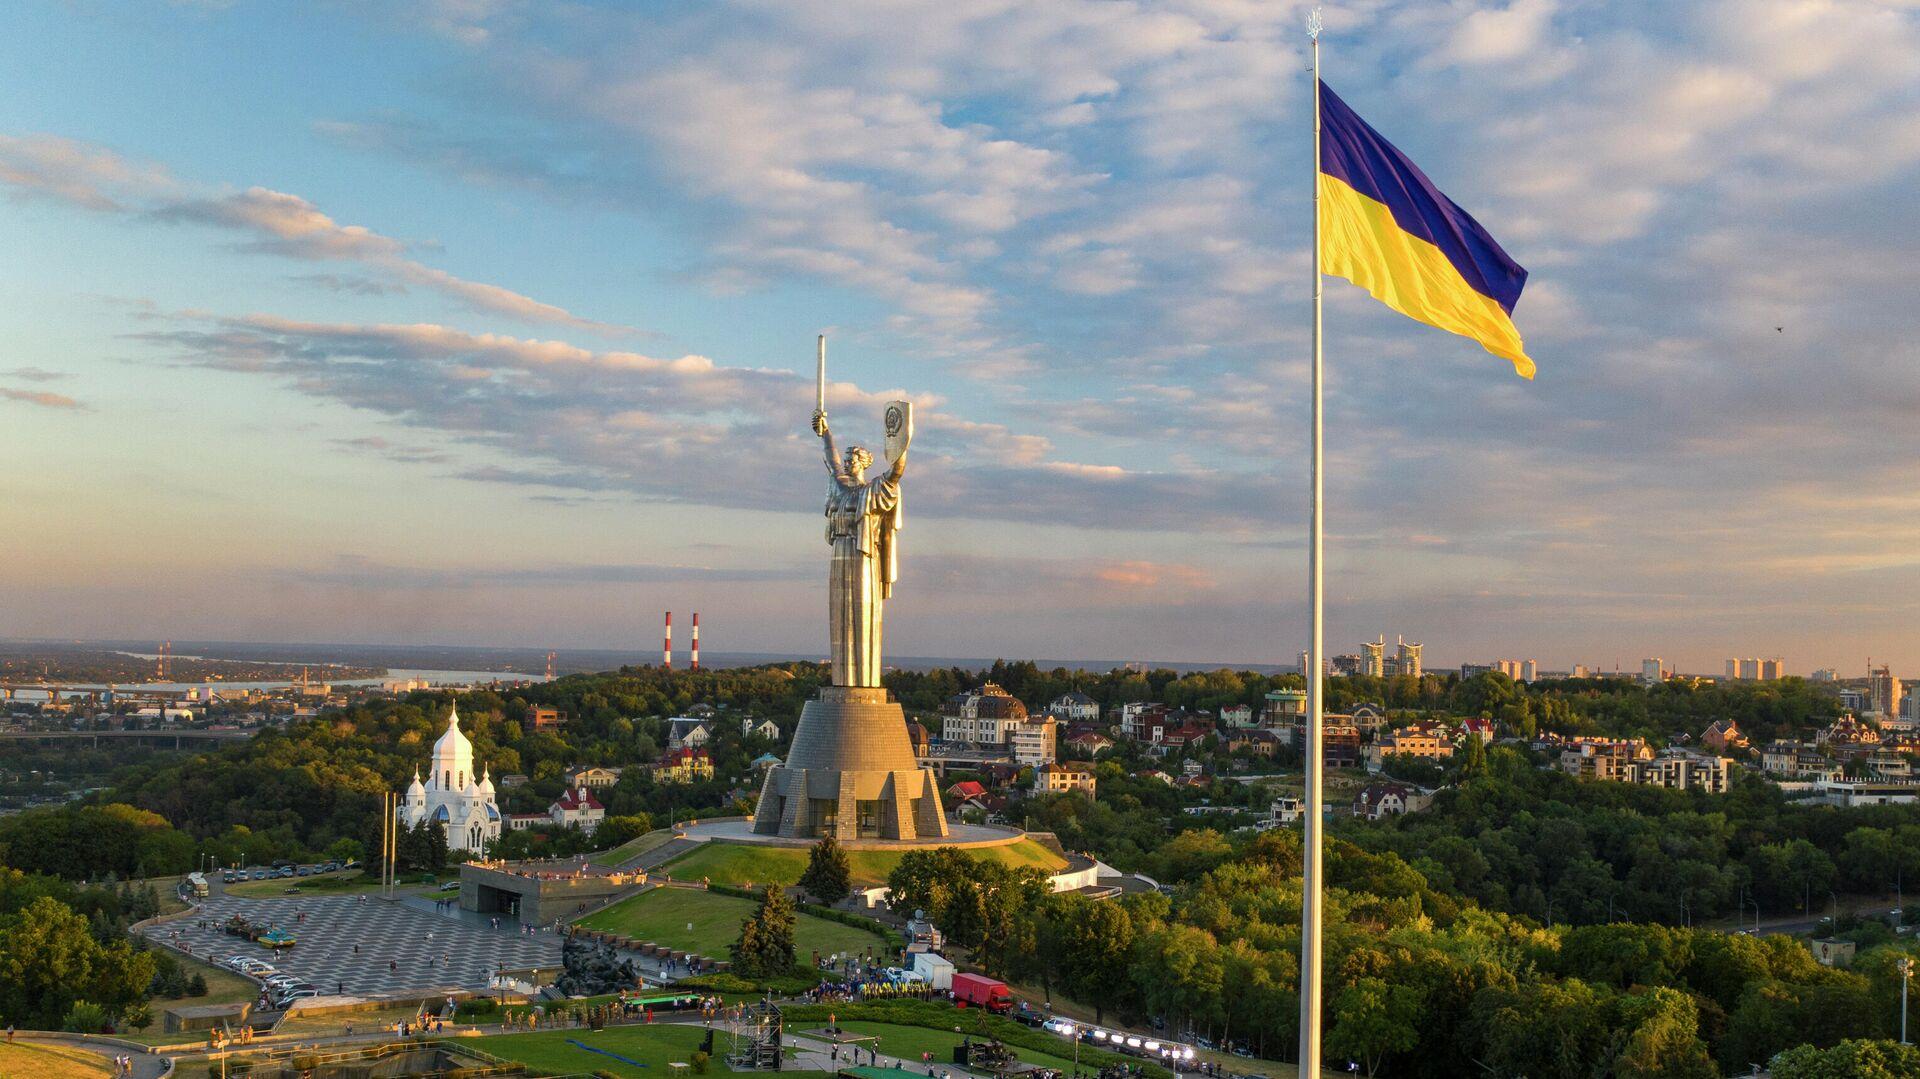 Монумент Родина-мать в Киеве - РИА Новости, 1920, 24.11.2020